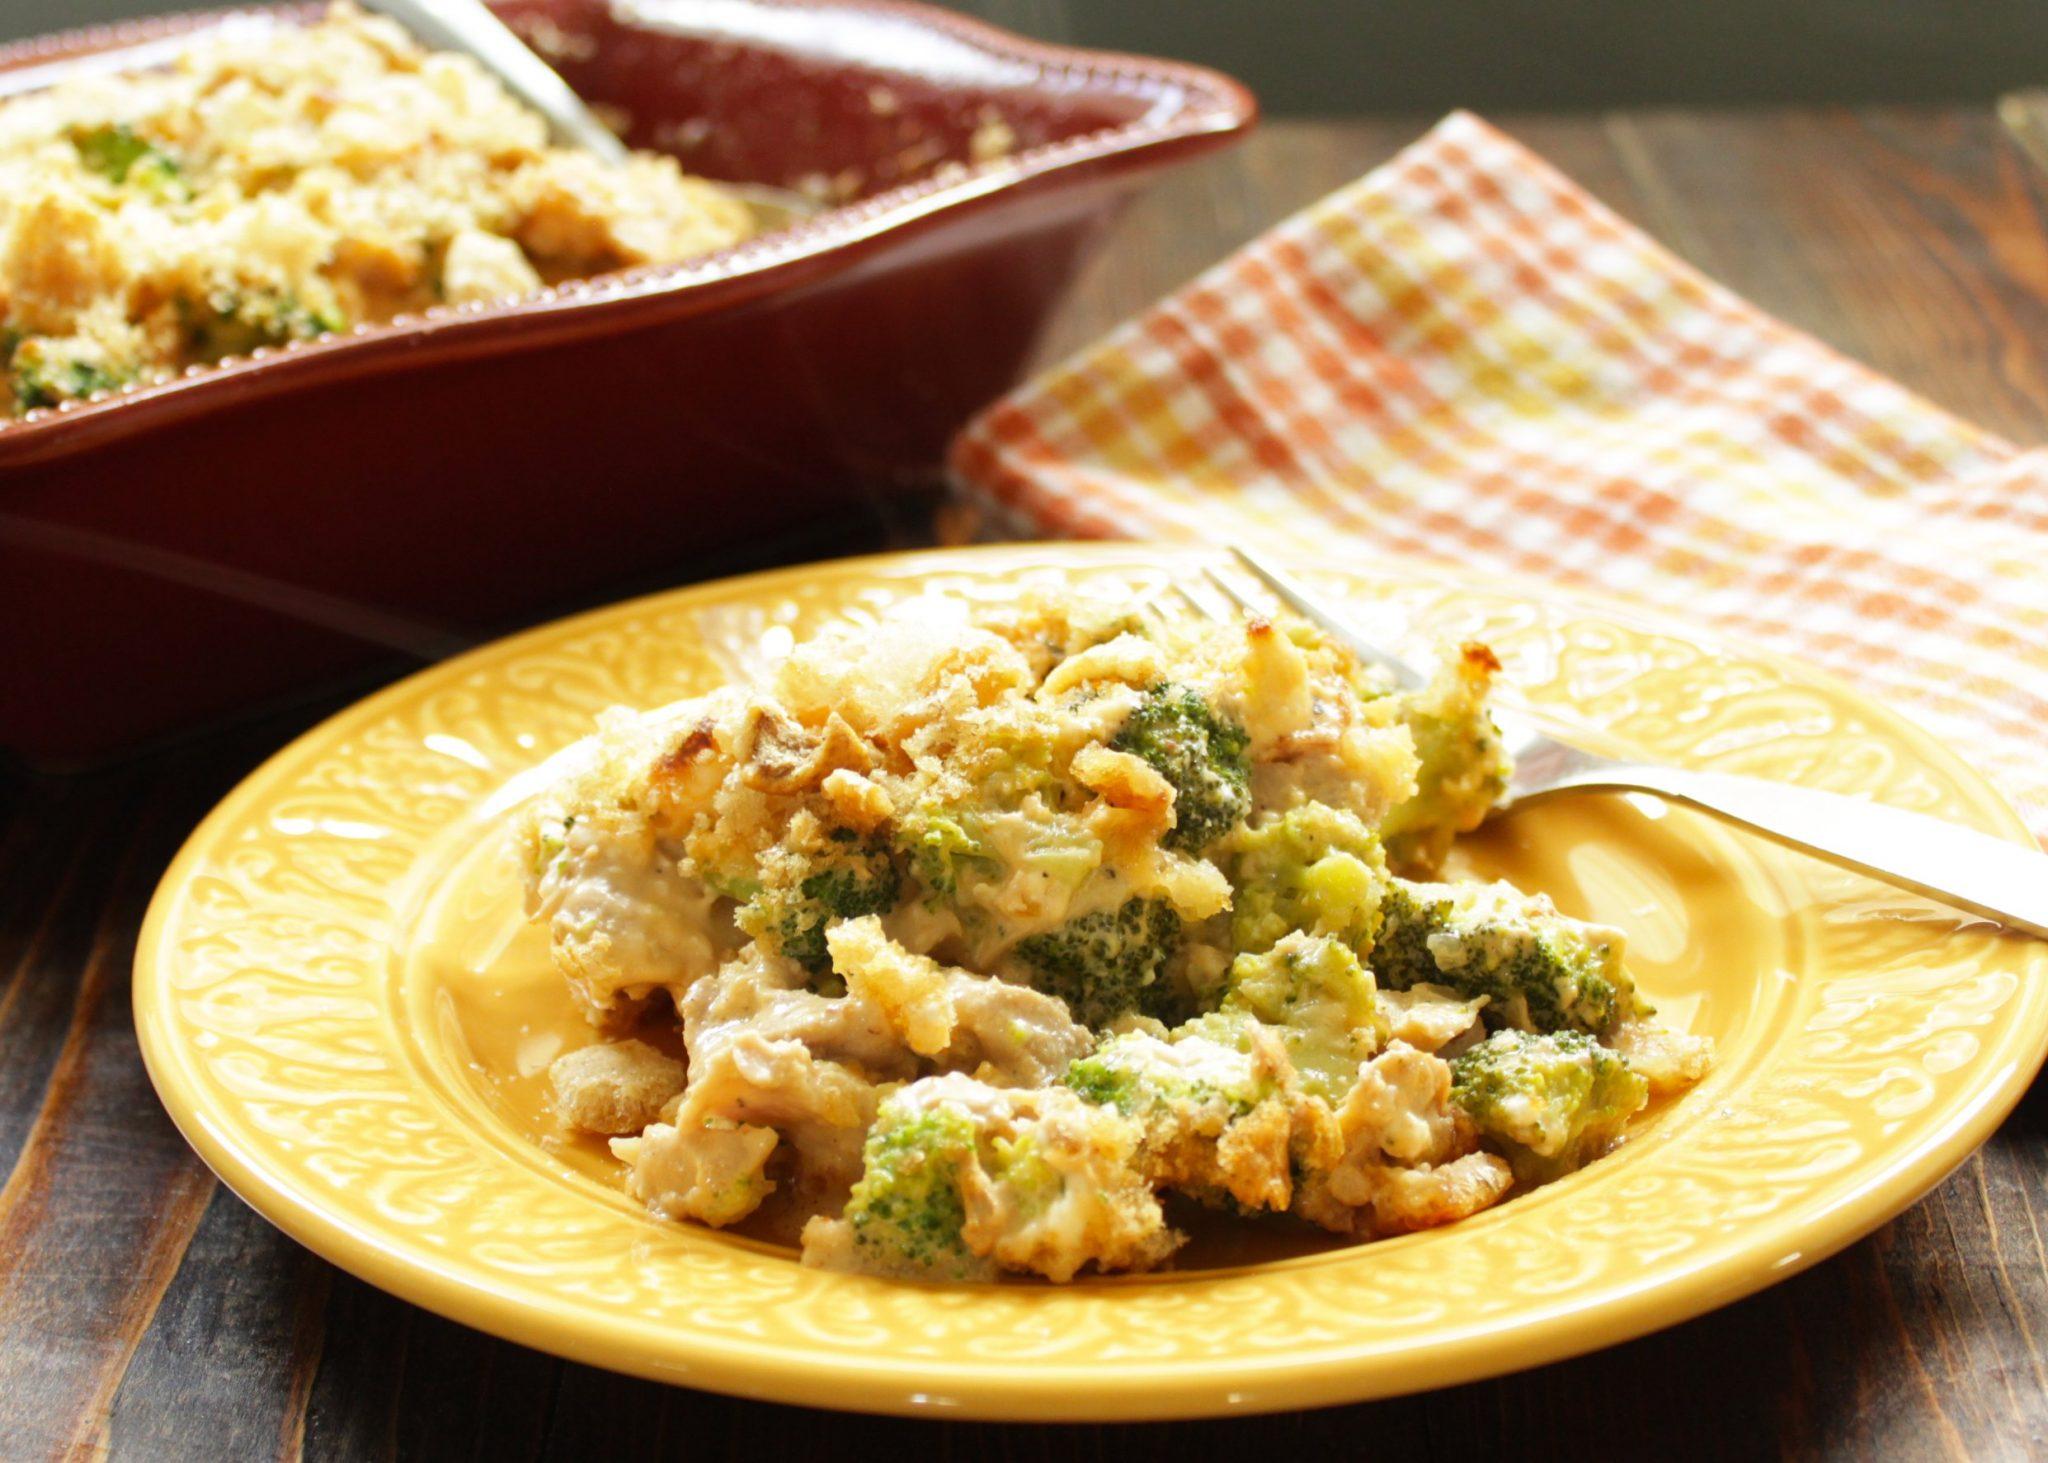 Keto Broccoli Chicken Casserole - Health, Home,  Happiness-6778